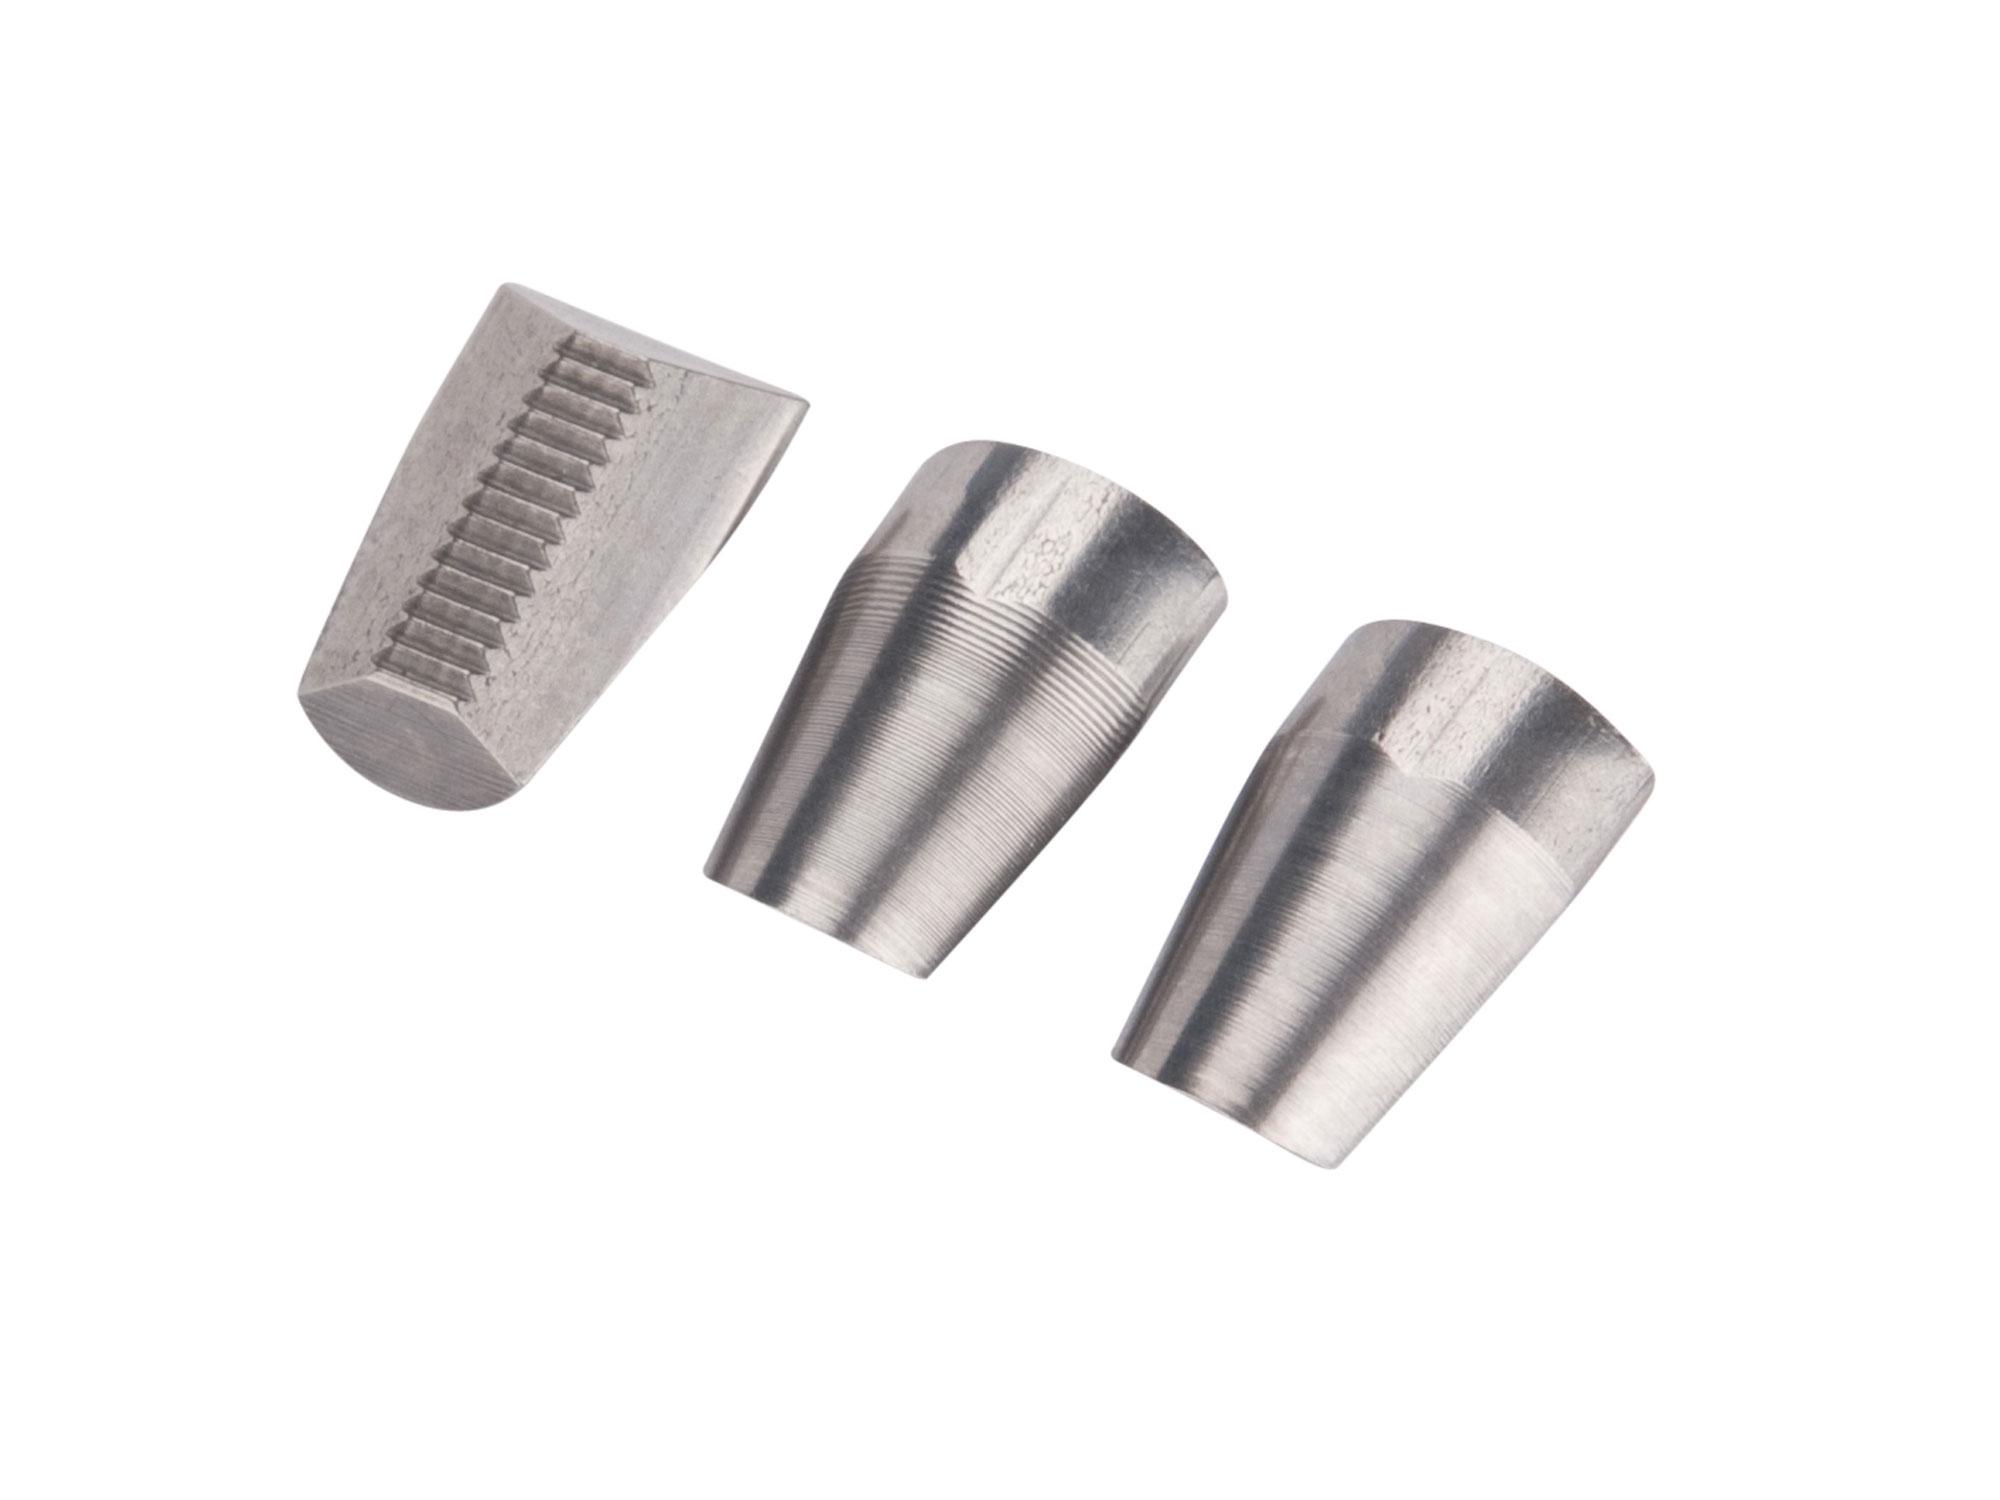 čelisti do nýtovacích kleští, 3ks, 13mm, FORTUM 4770690